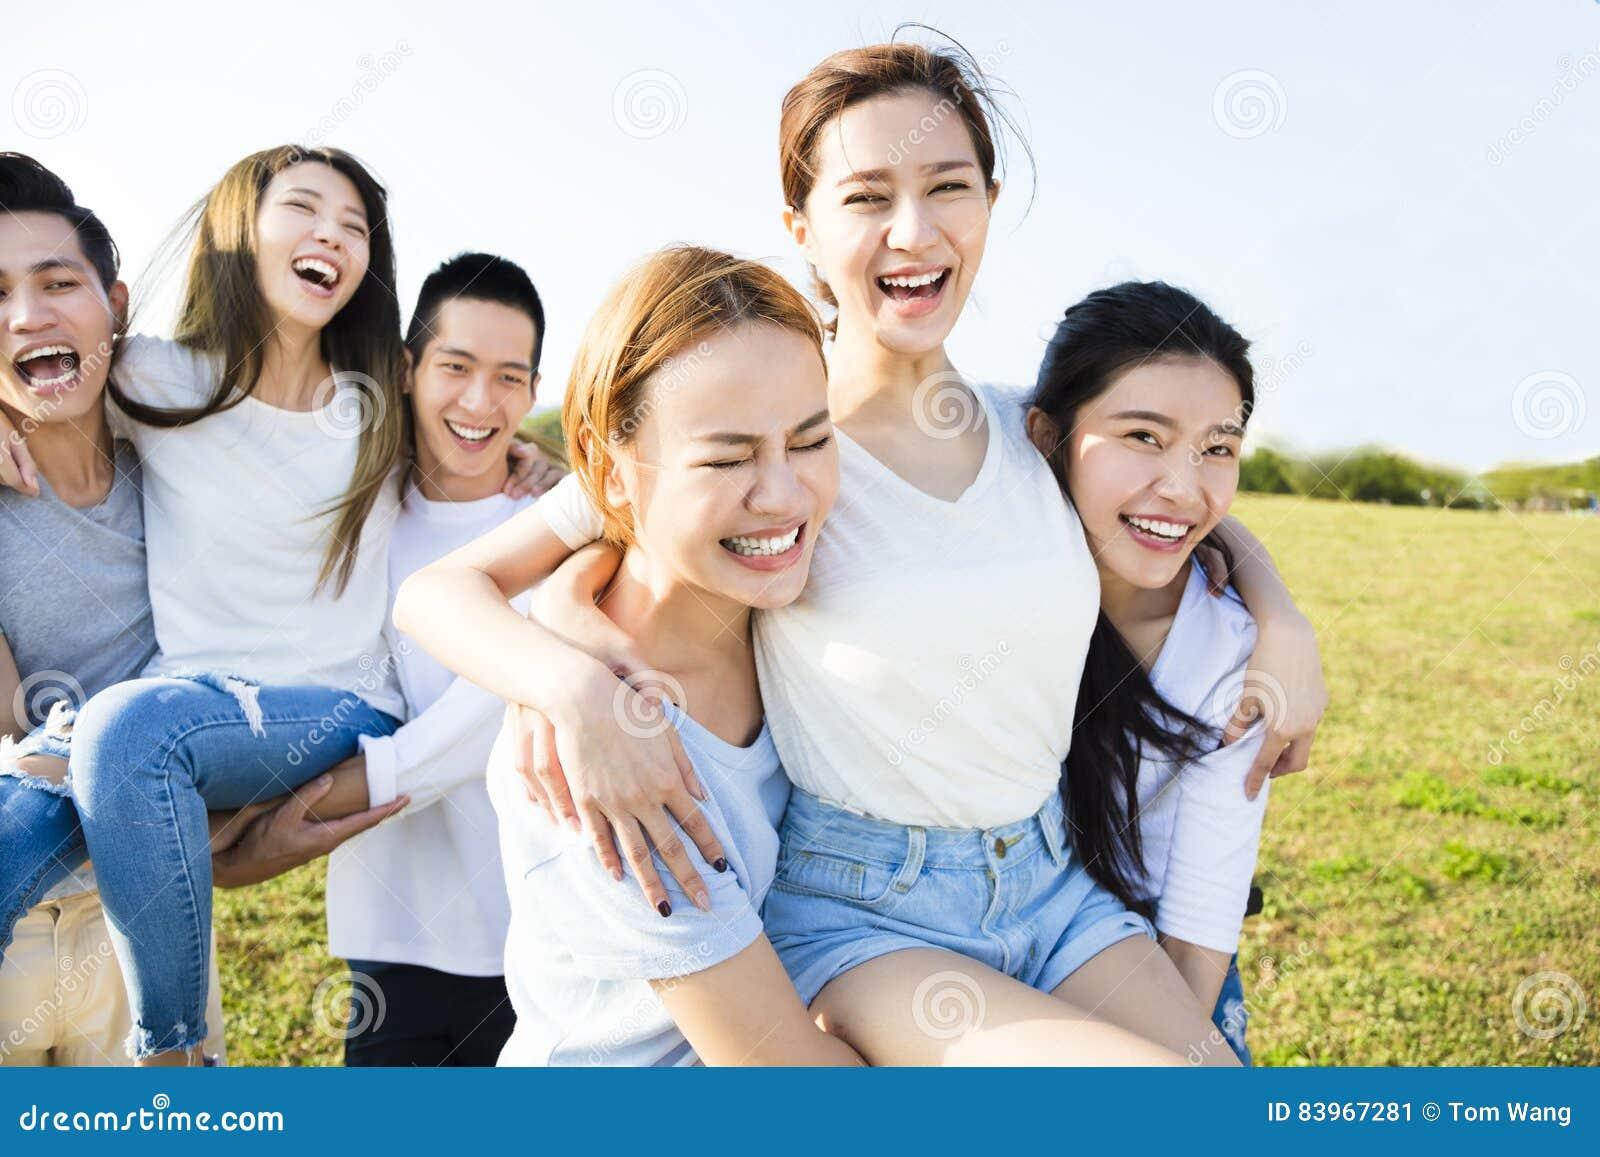 Glückliche junge Gruppe, die Spaß zusammen hat